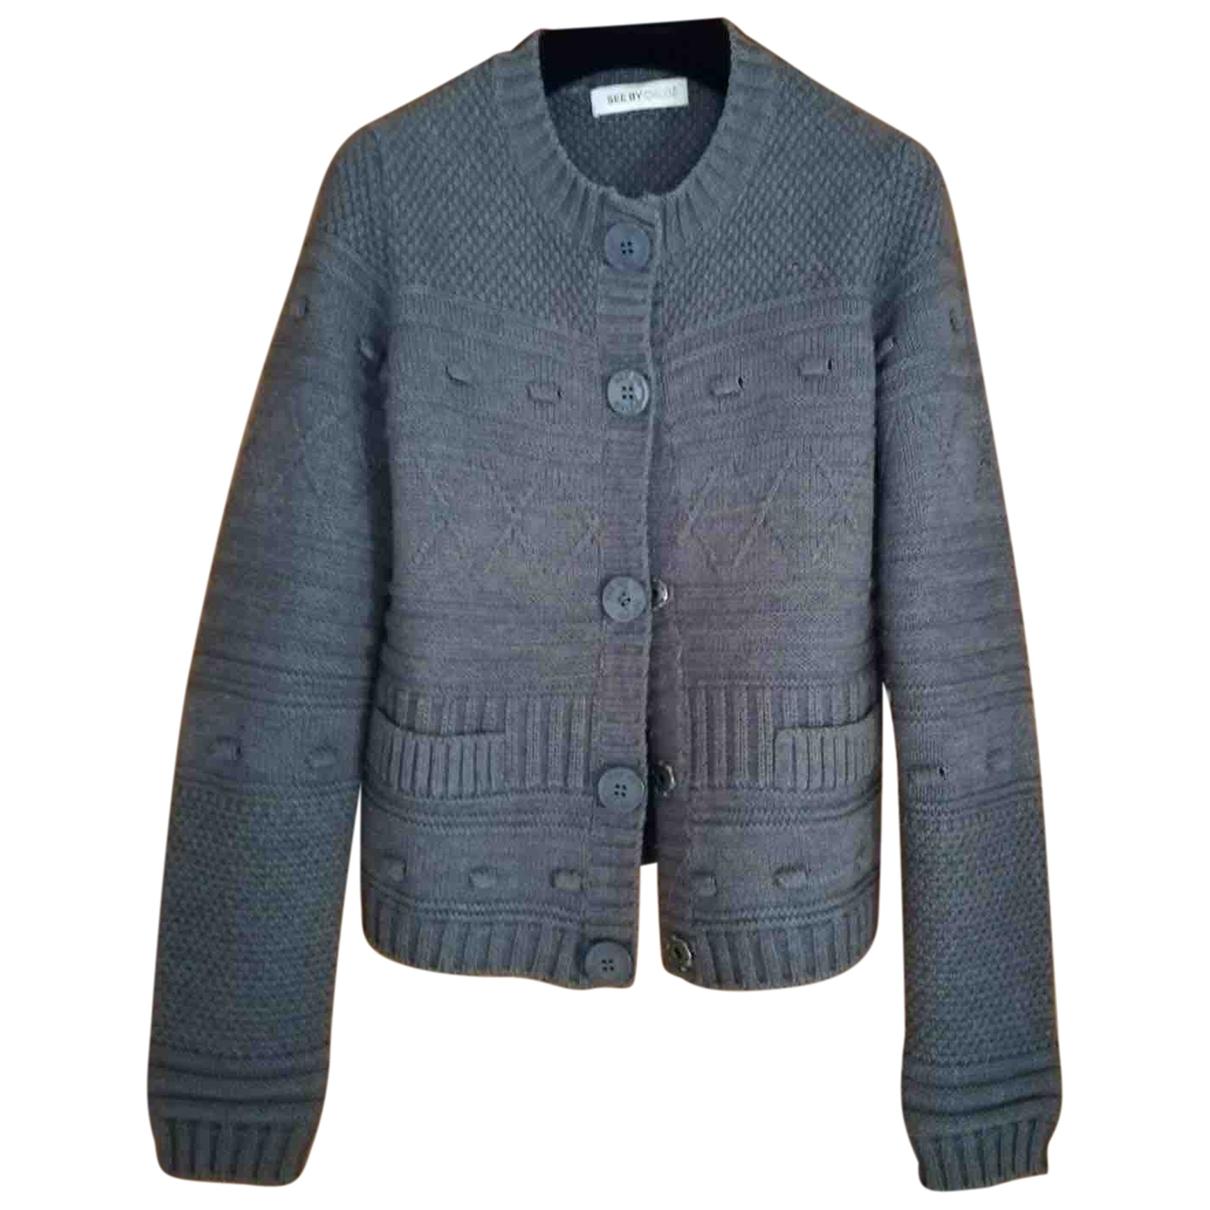 See By Chloe \N Pullover in  Grau Wolle